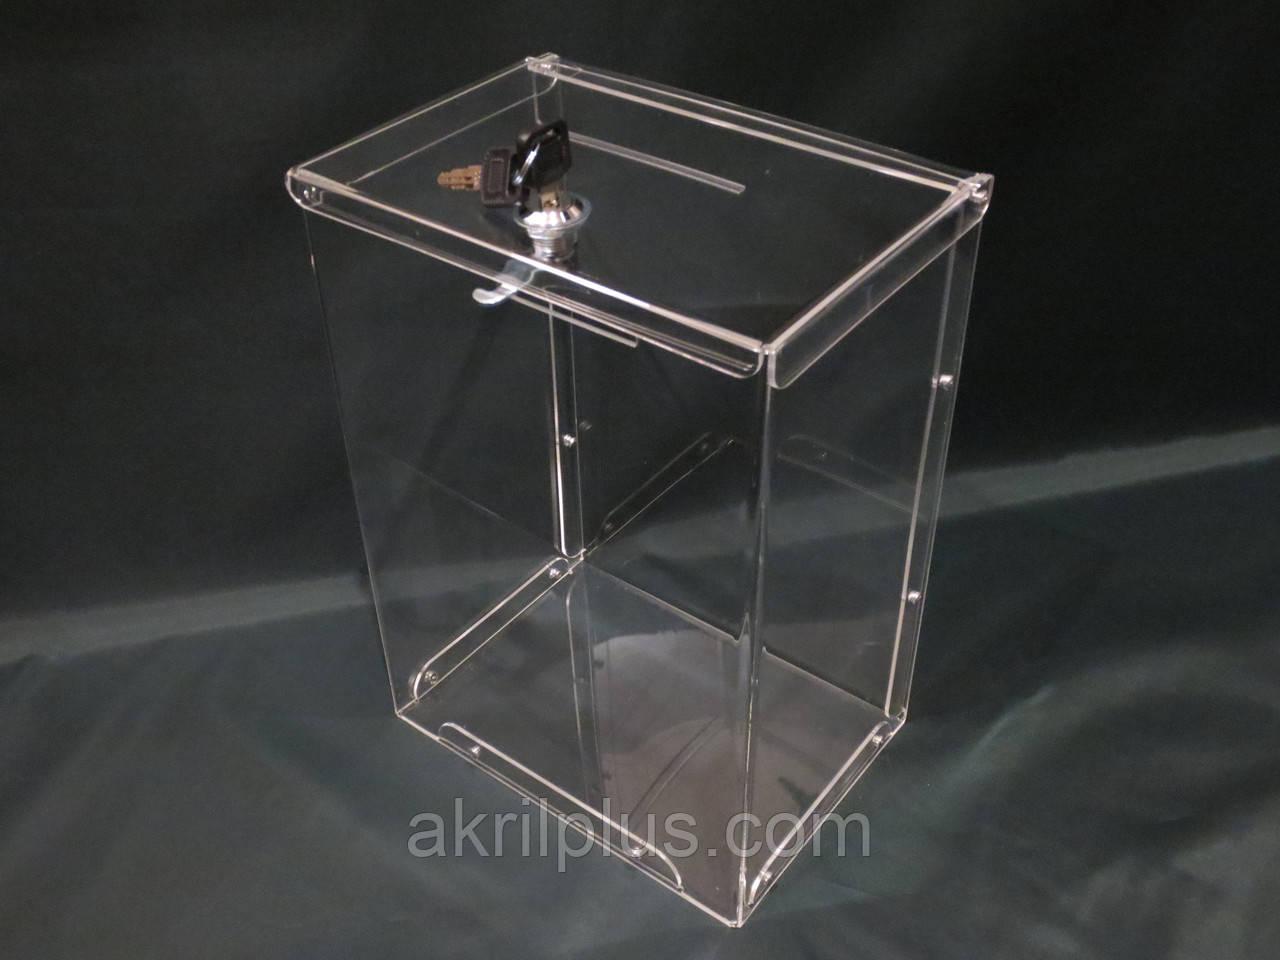 Ящик для благотворительности 300*210*150 - АкрилПлюс в Киеве